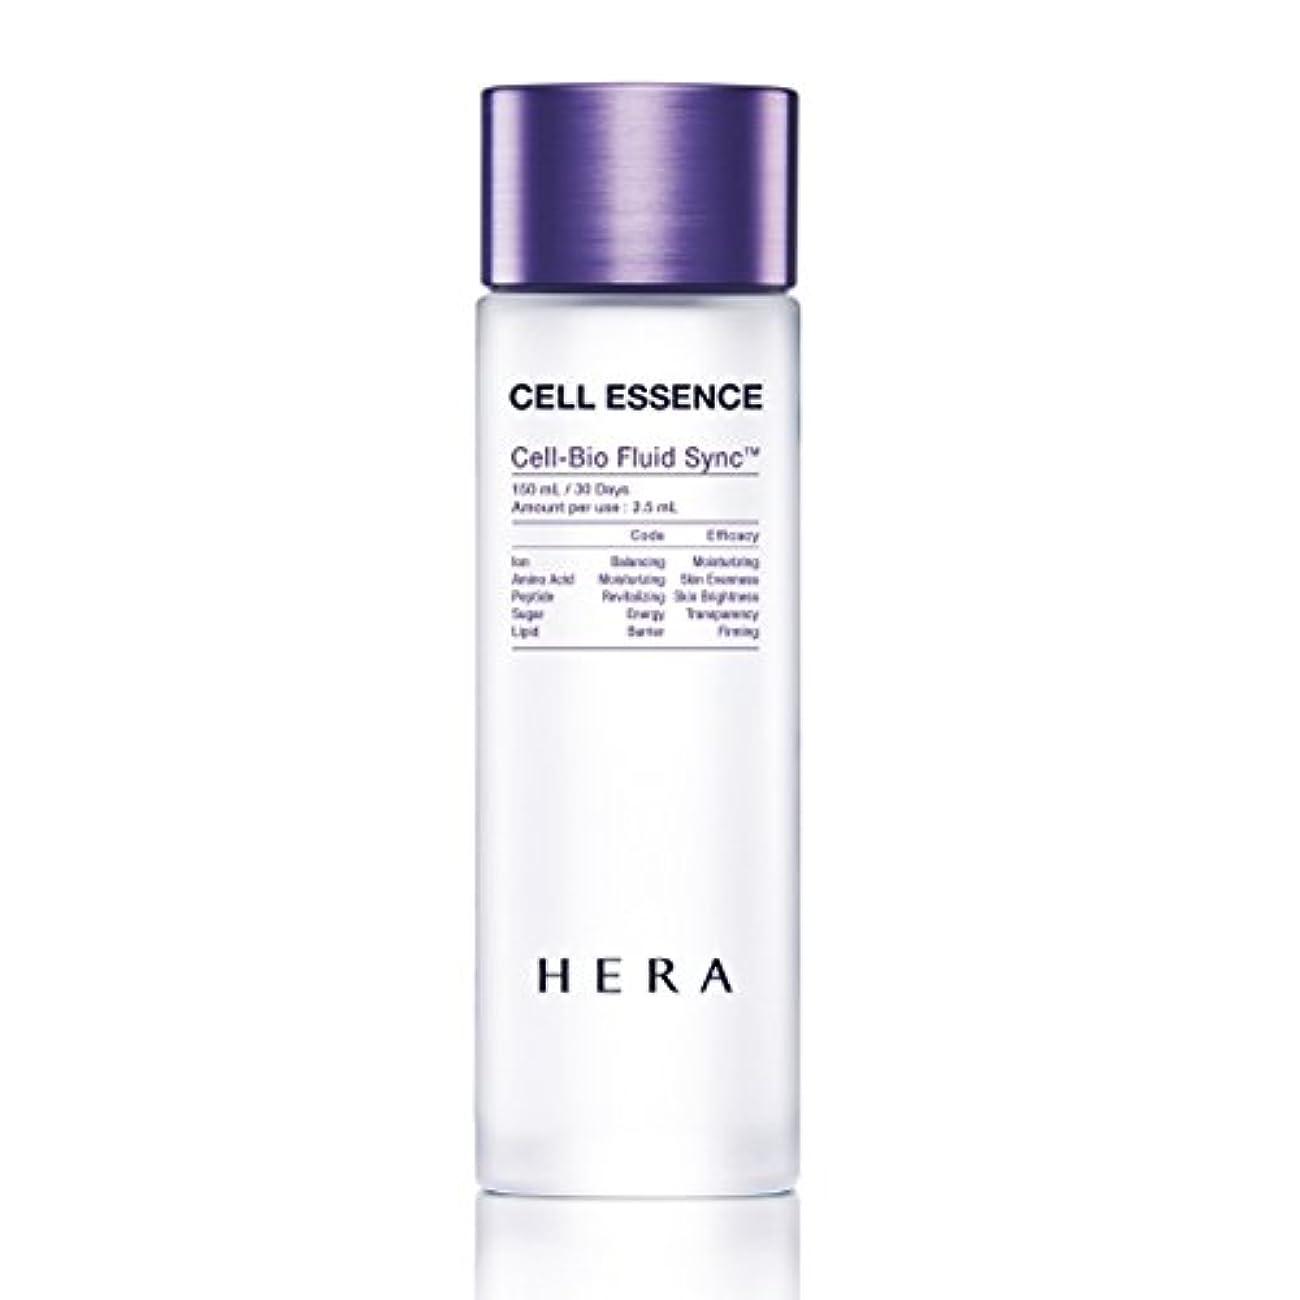 スムーズにペレグリネーション正当な[ヘラ/HERA]HERA CELL ESSENCE/ヘラ セル エッセンス 150ml【美容液】(海外直送品)